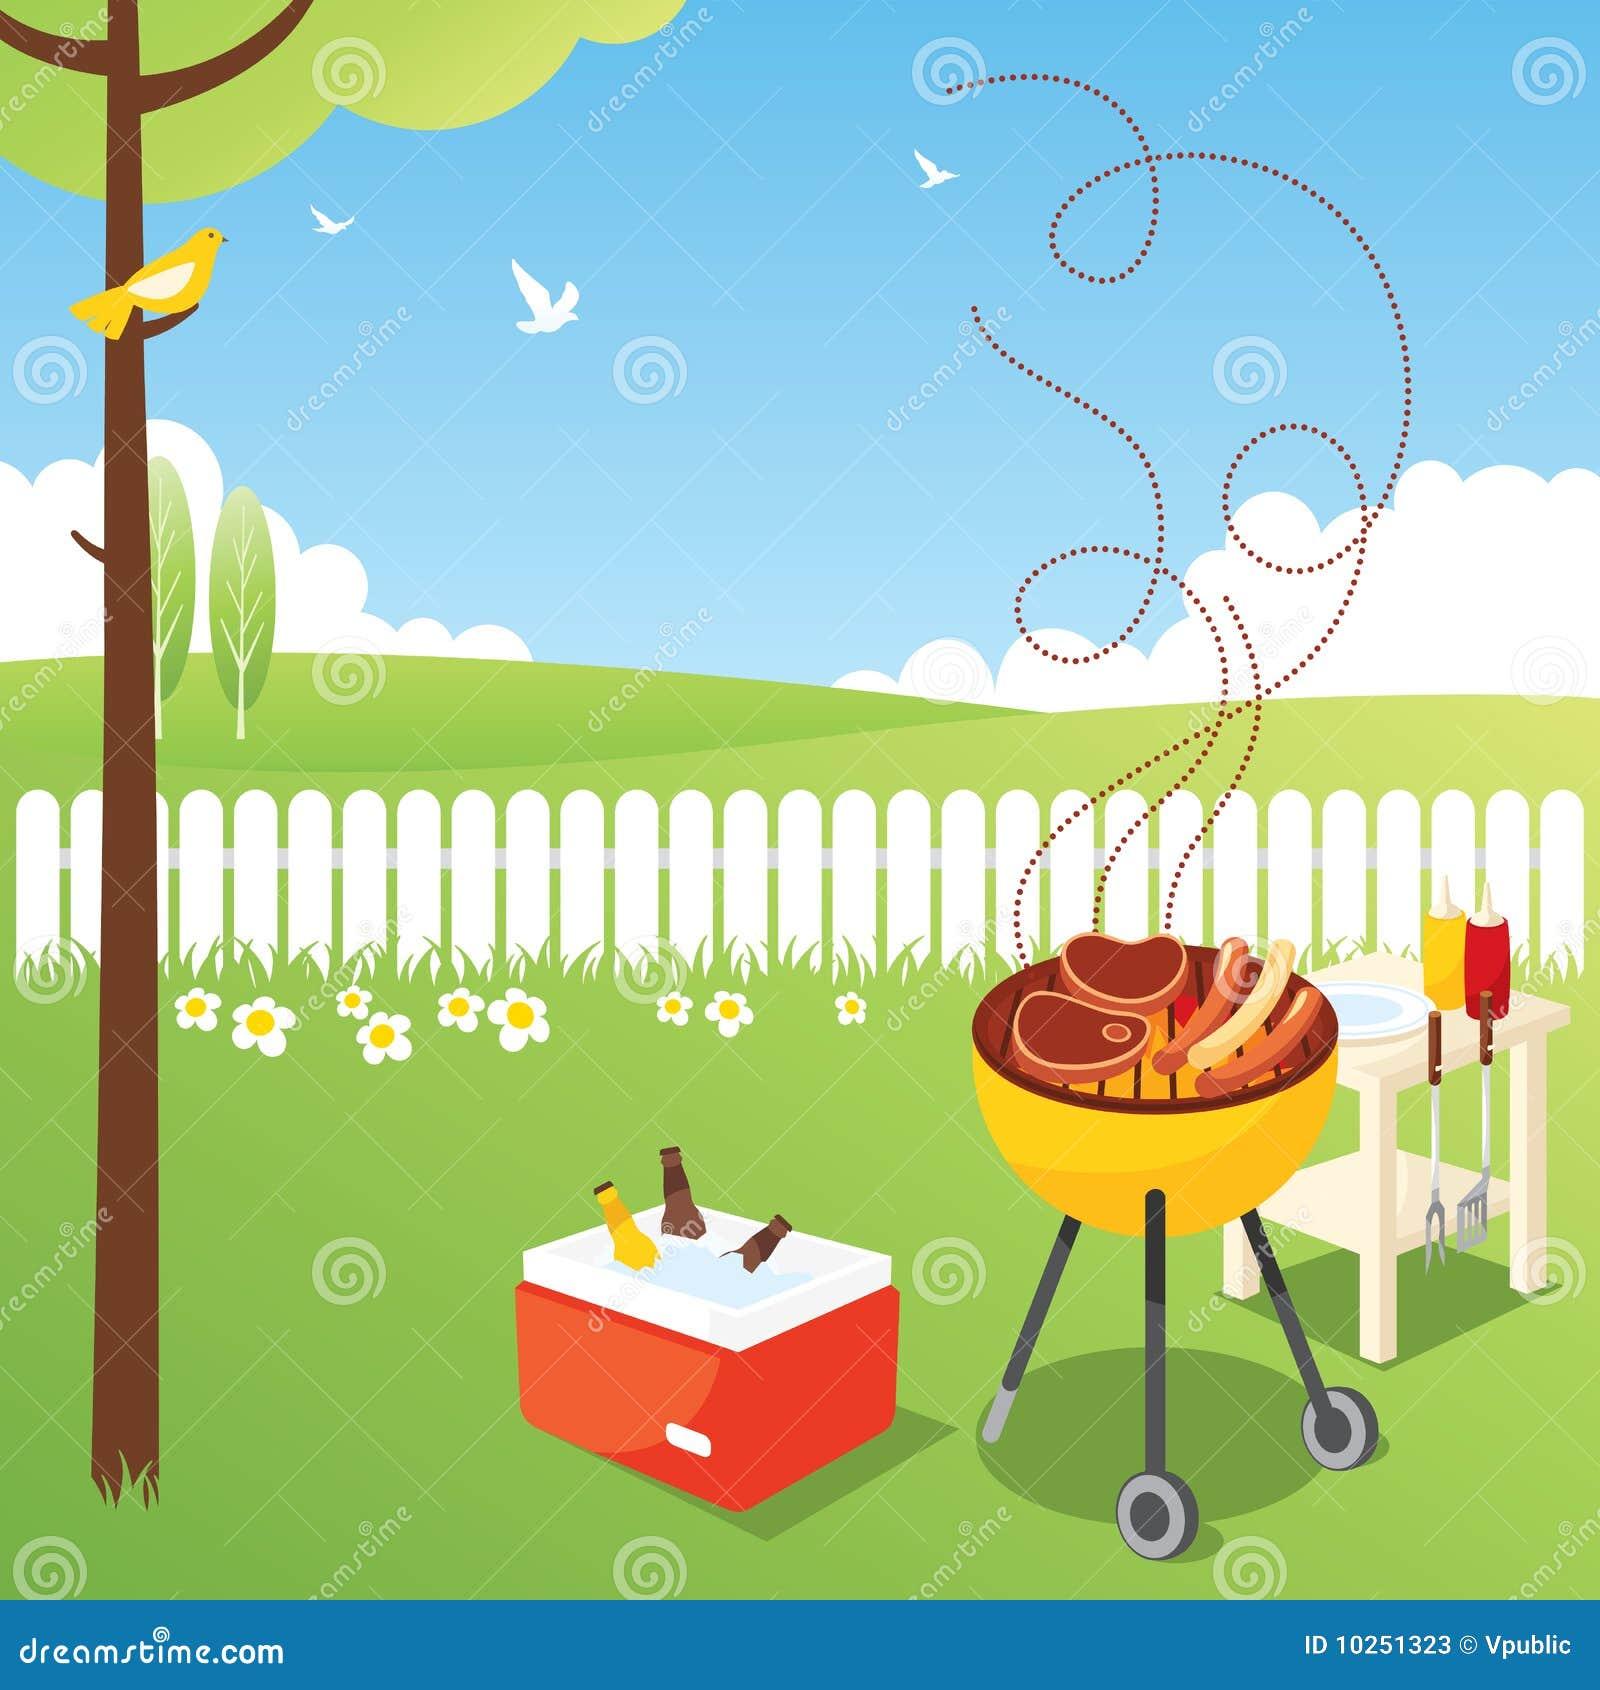 bbq party stock vector. illustration of bird, kebab, garden - 10251323